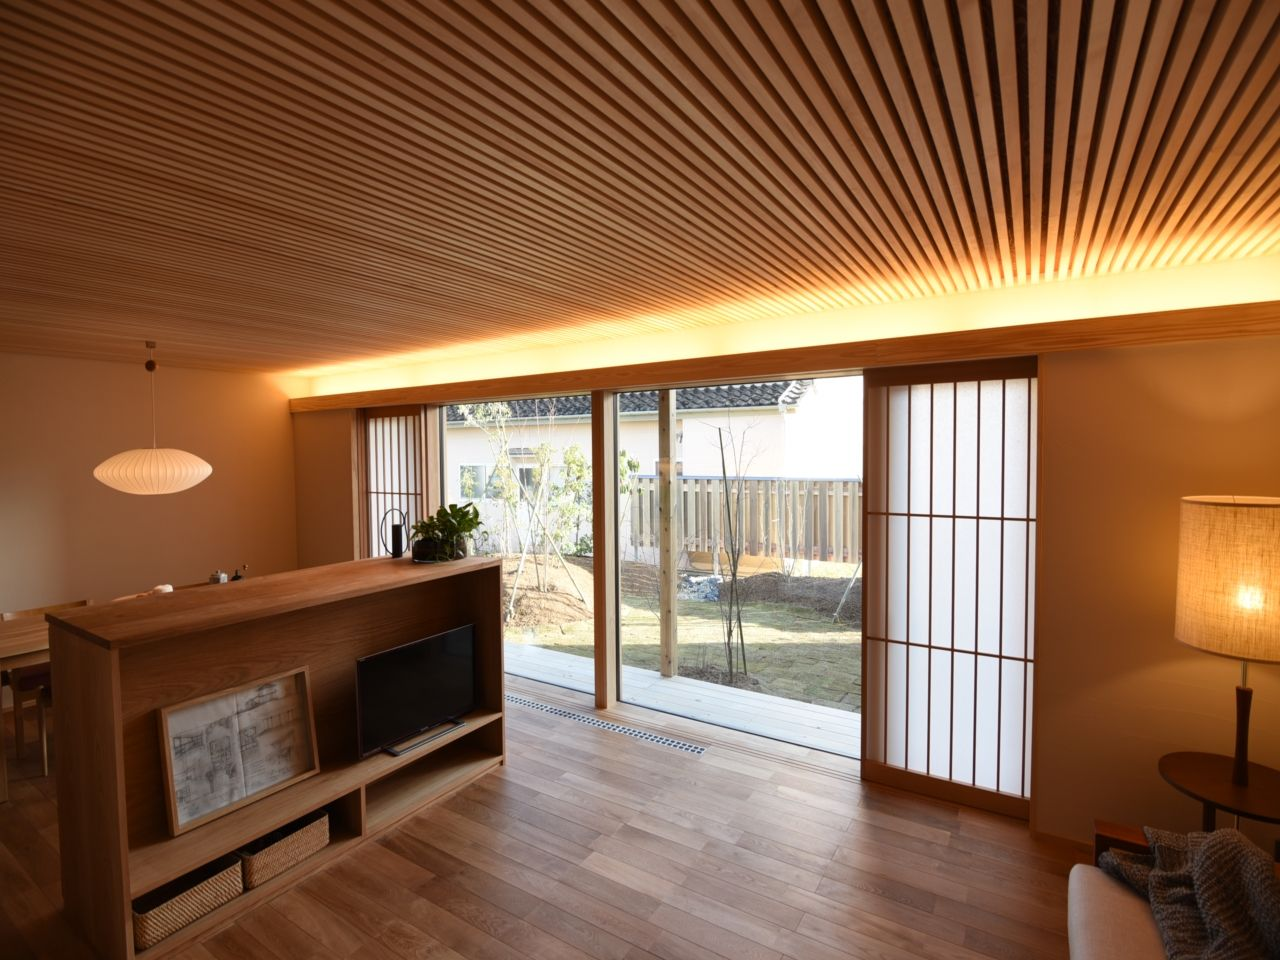 キッチン 天井 板張り Google 検索 家 家 づくり リビング 間取り